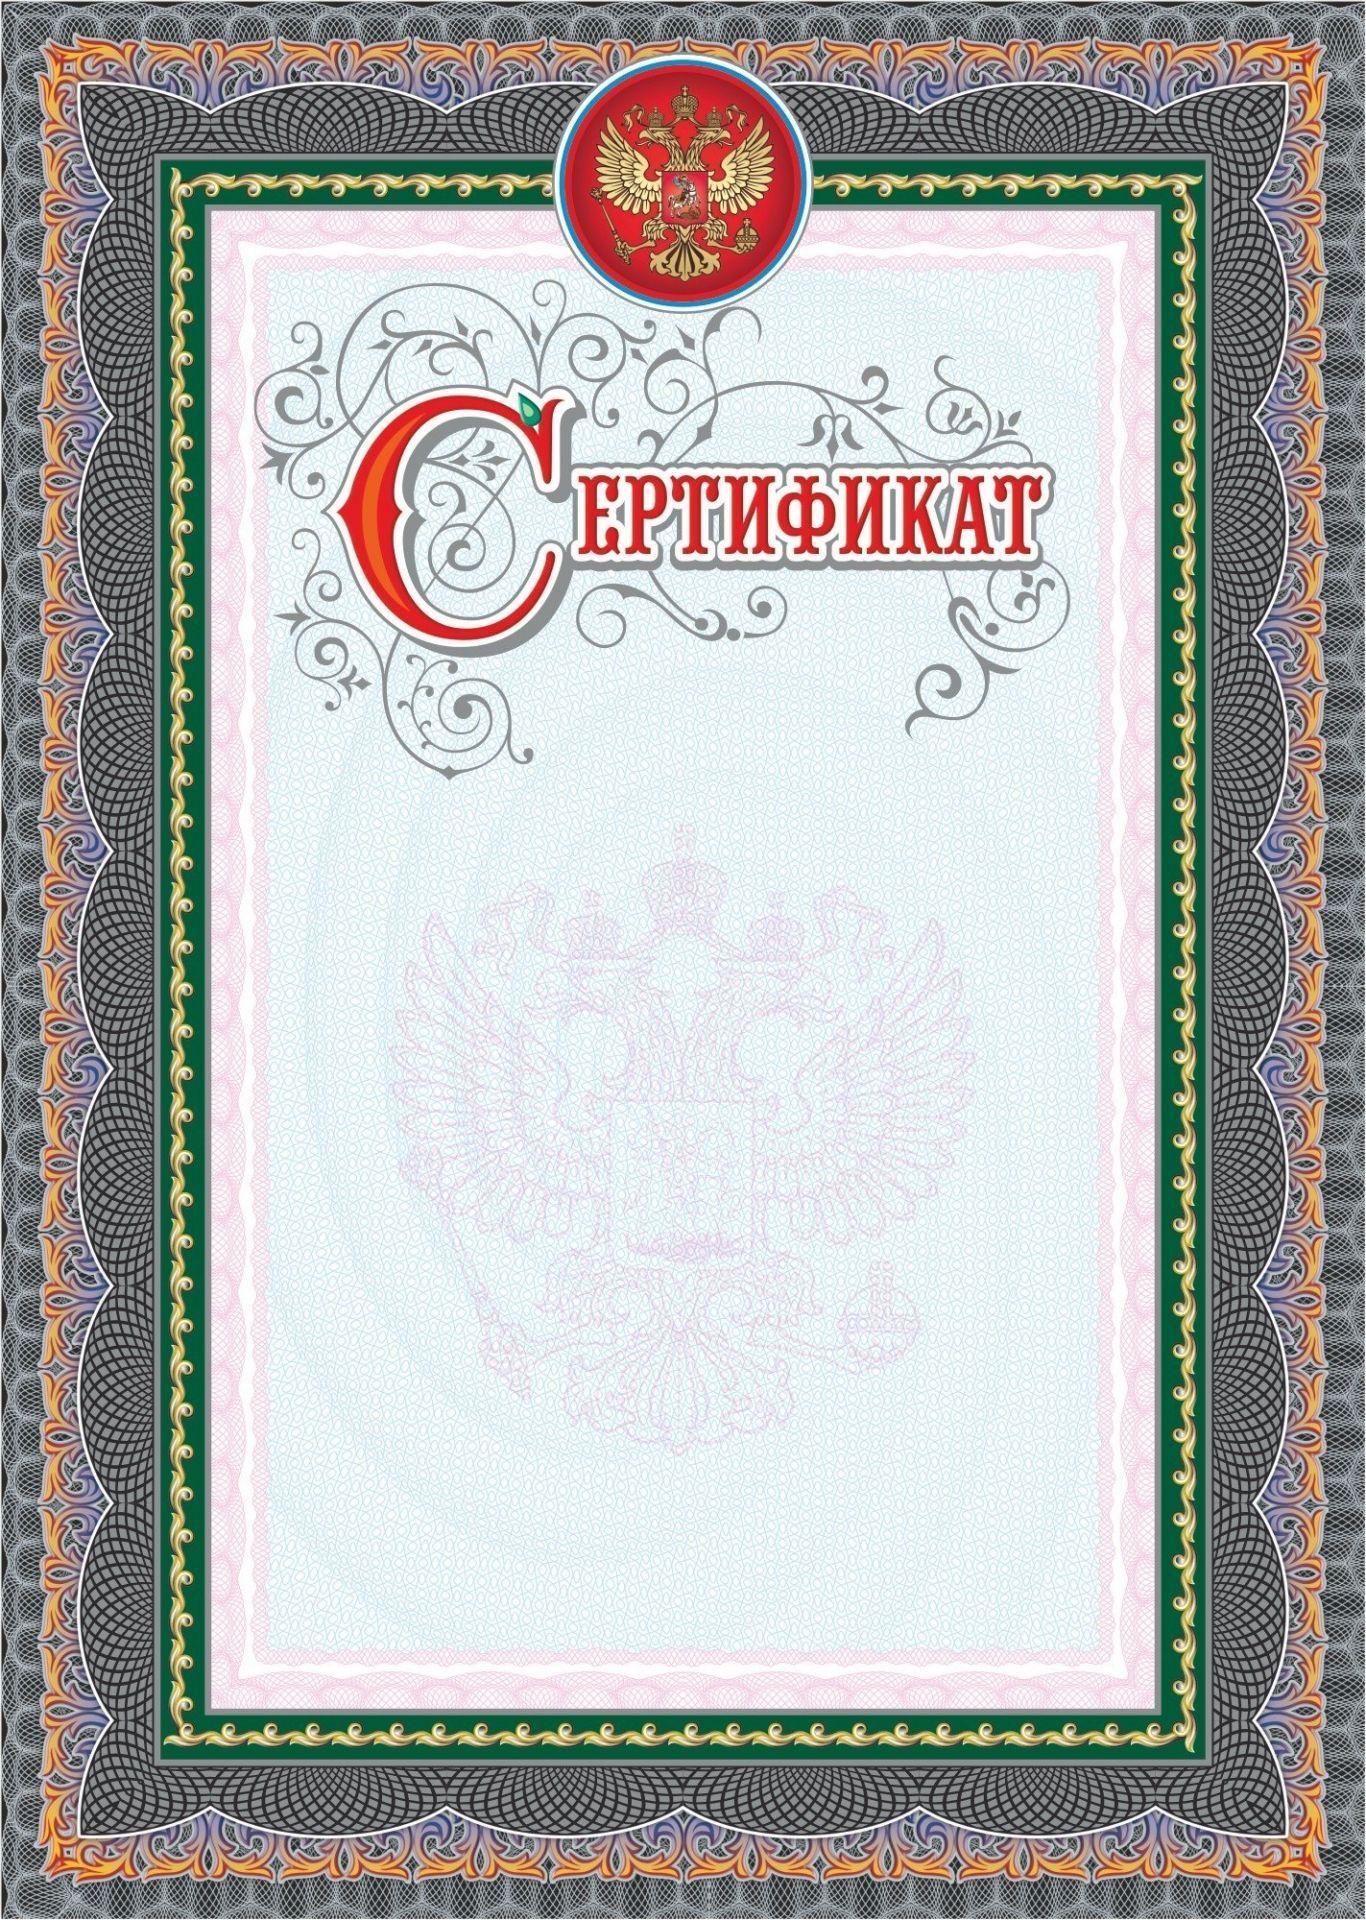 Сертификат (серебро)Сертификаты<br>Материалы:на обложку - бумага мелованная, пл. 250.00.<br><br>Год: 2017<br>Высота: 297<br>Ширина: 210